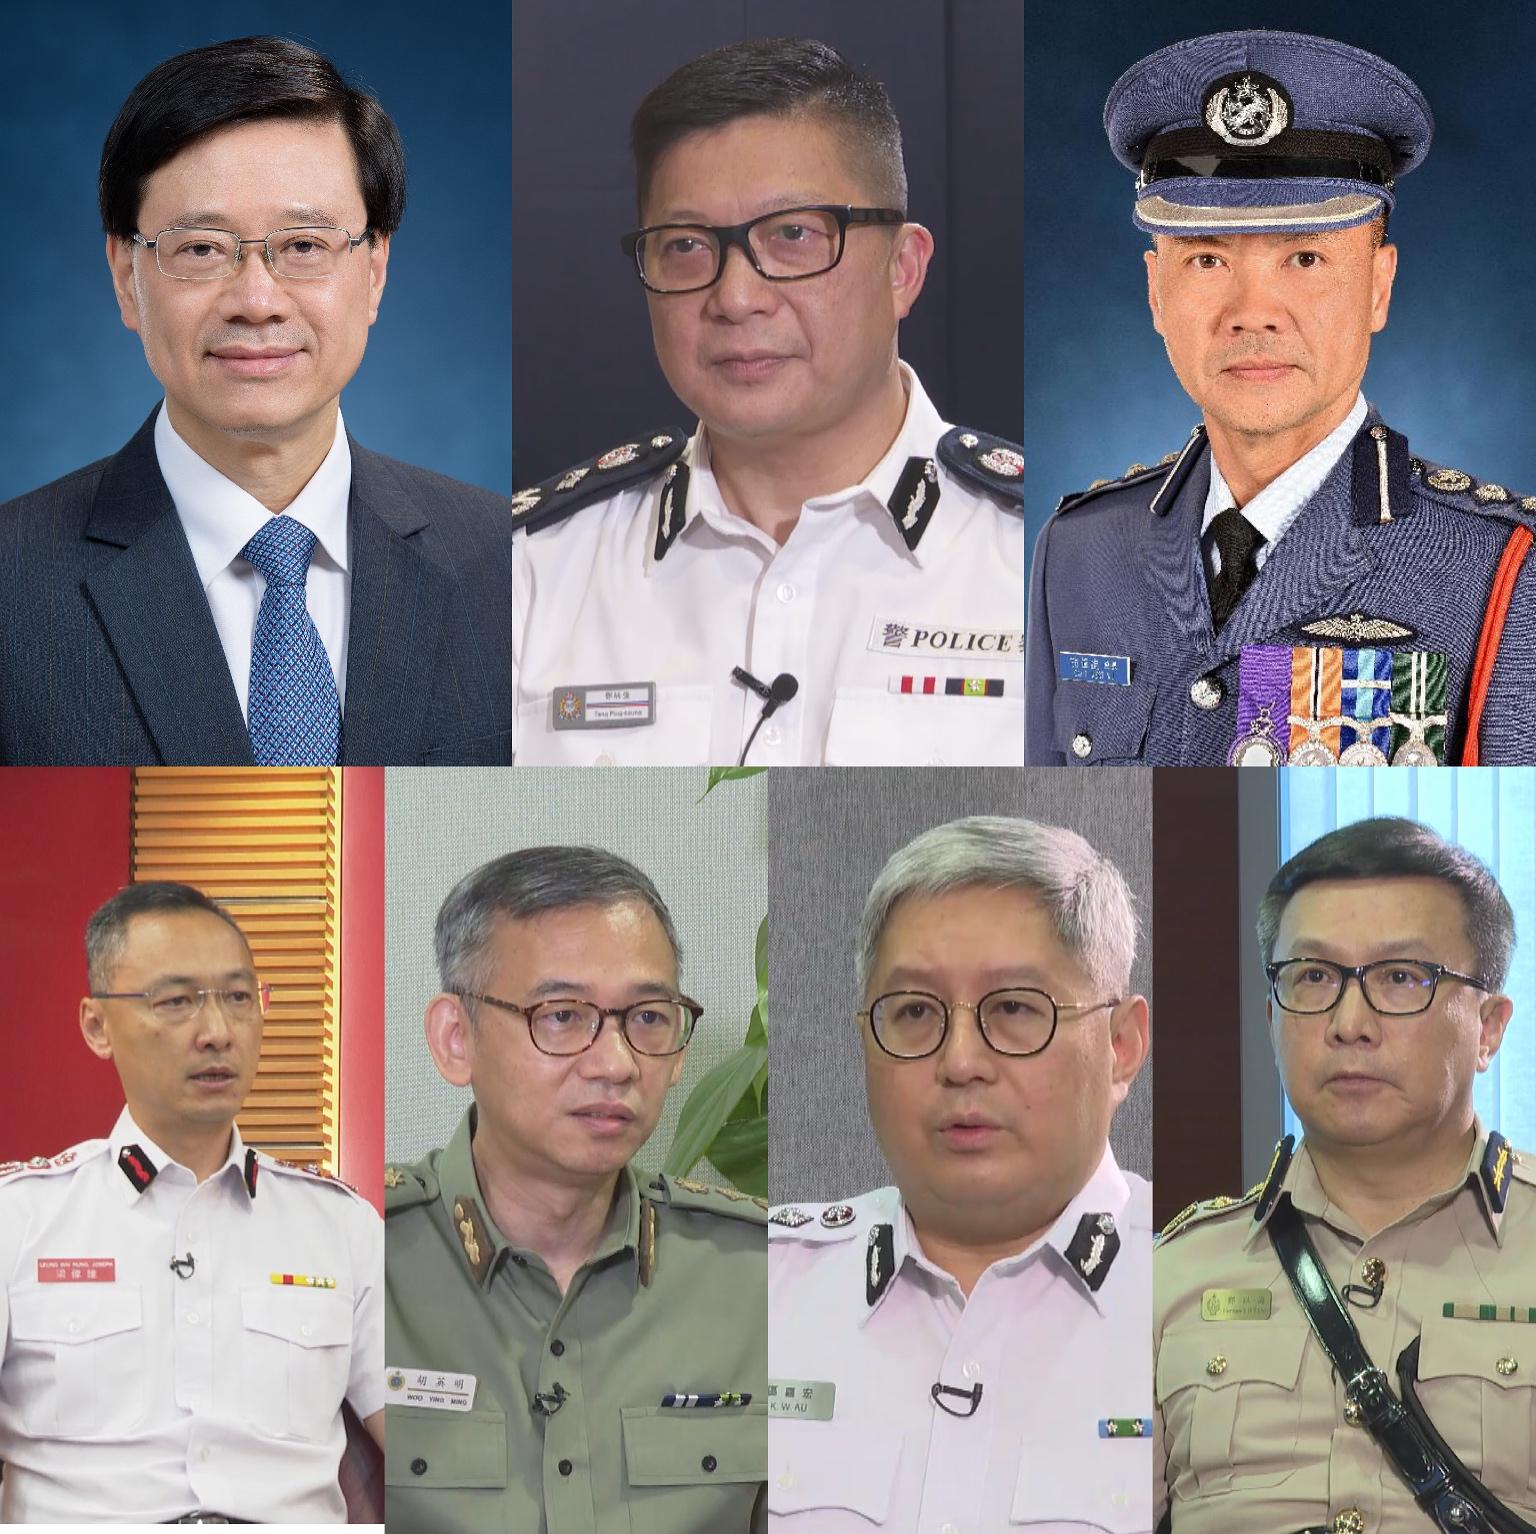 央视新闻|香港特区政府保安局局长与六个纪律部队首长欢迎及支持通过《港区国安法》